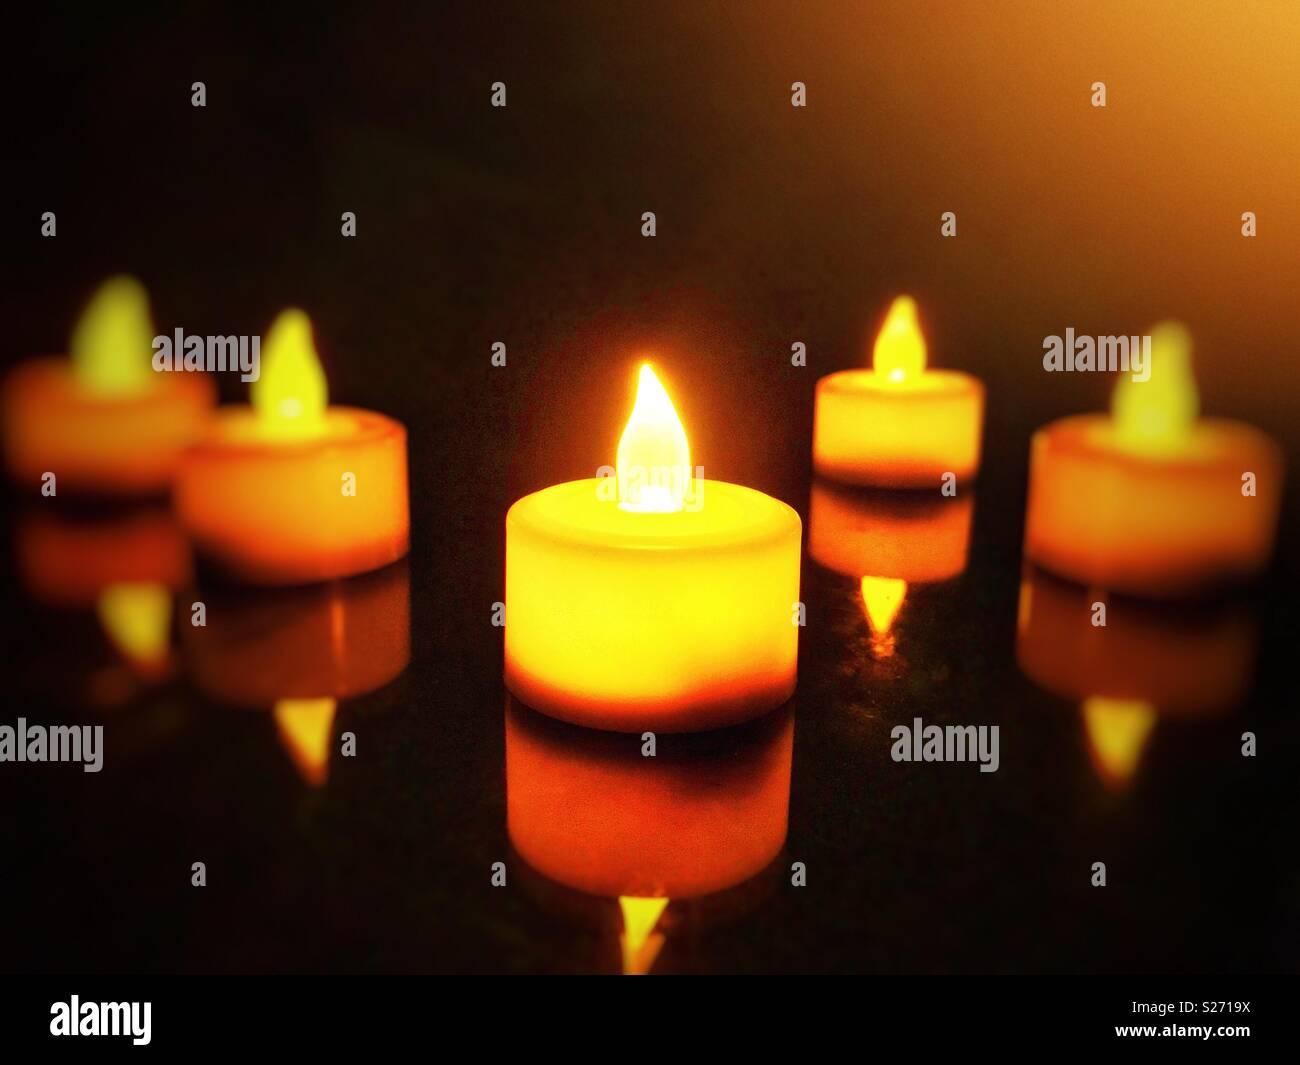 Led Kerzen Und Seine Reflexion In Einem Dunklen Zimmer Stockfoto